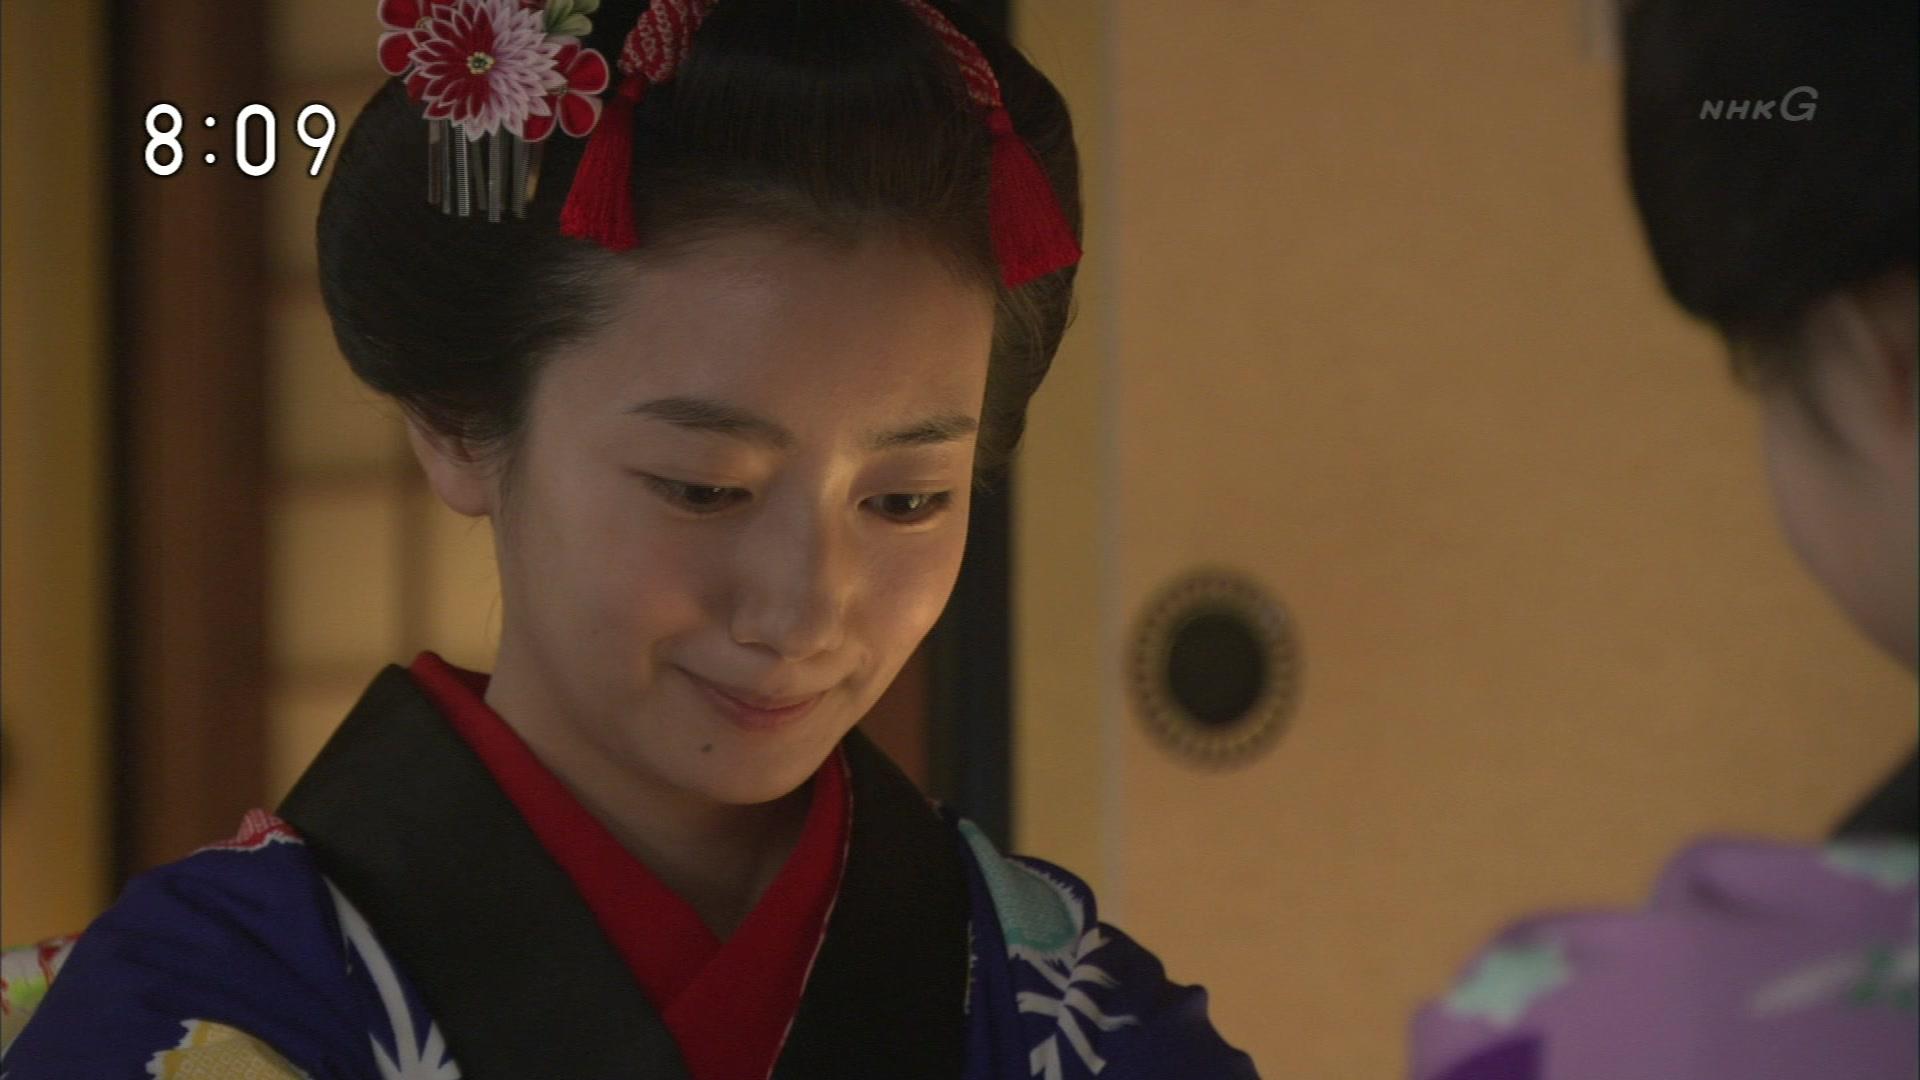 2015-10-09 08:00 連続テレビ小説 あさが来た(11)「ふたつの花びら」 1771